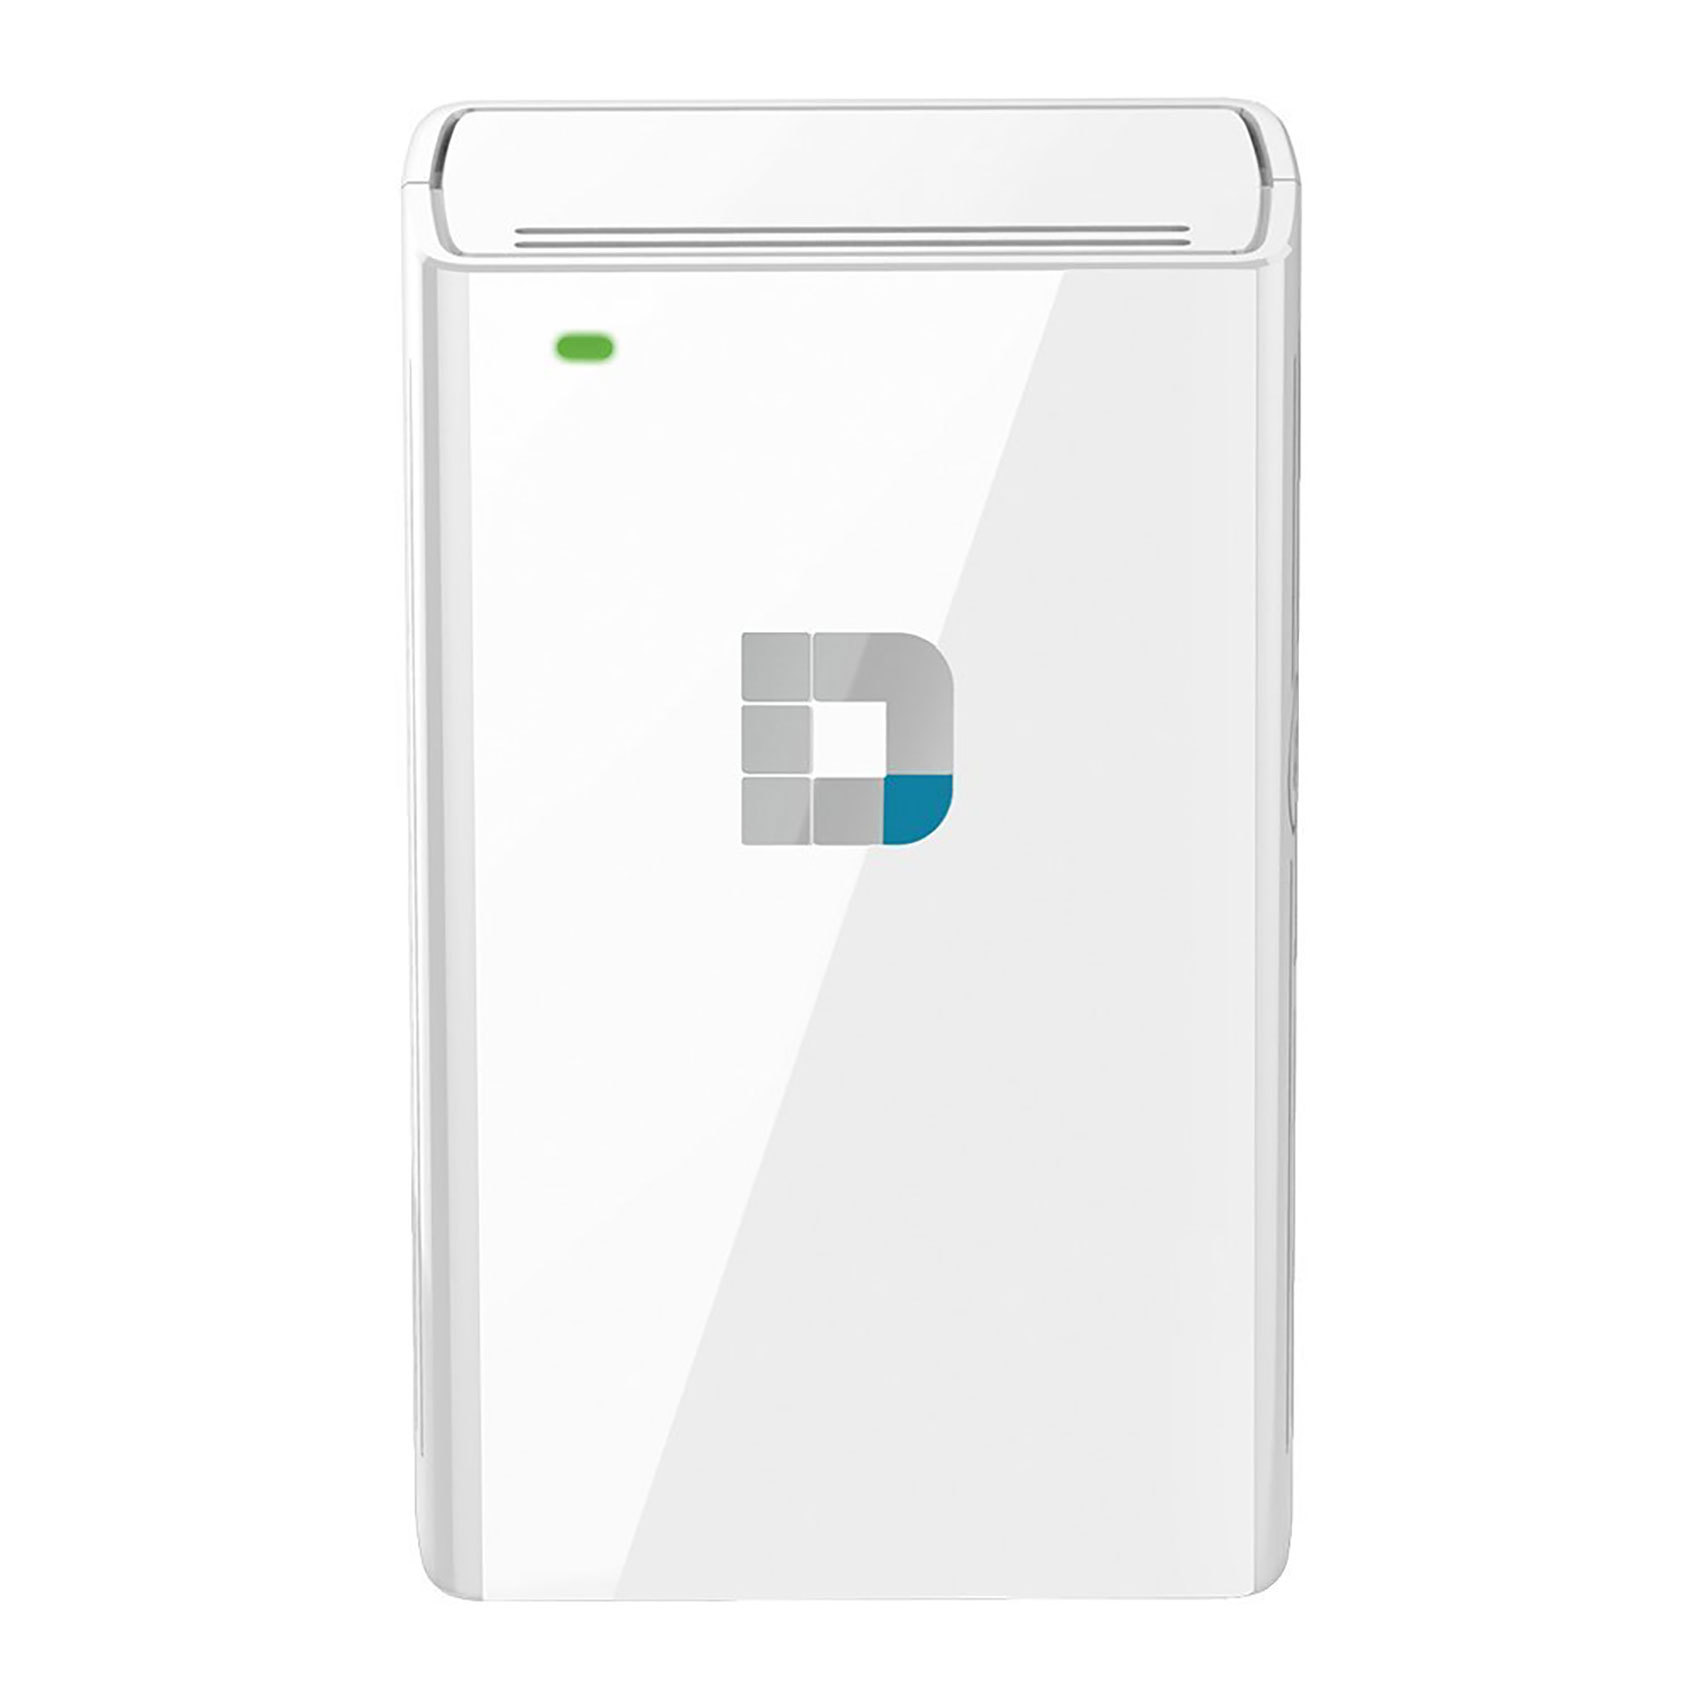 D-LINK W/L RE DB AC750